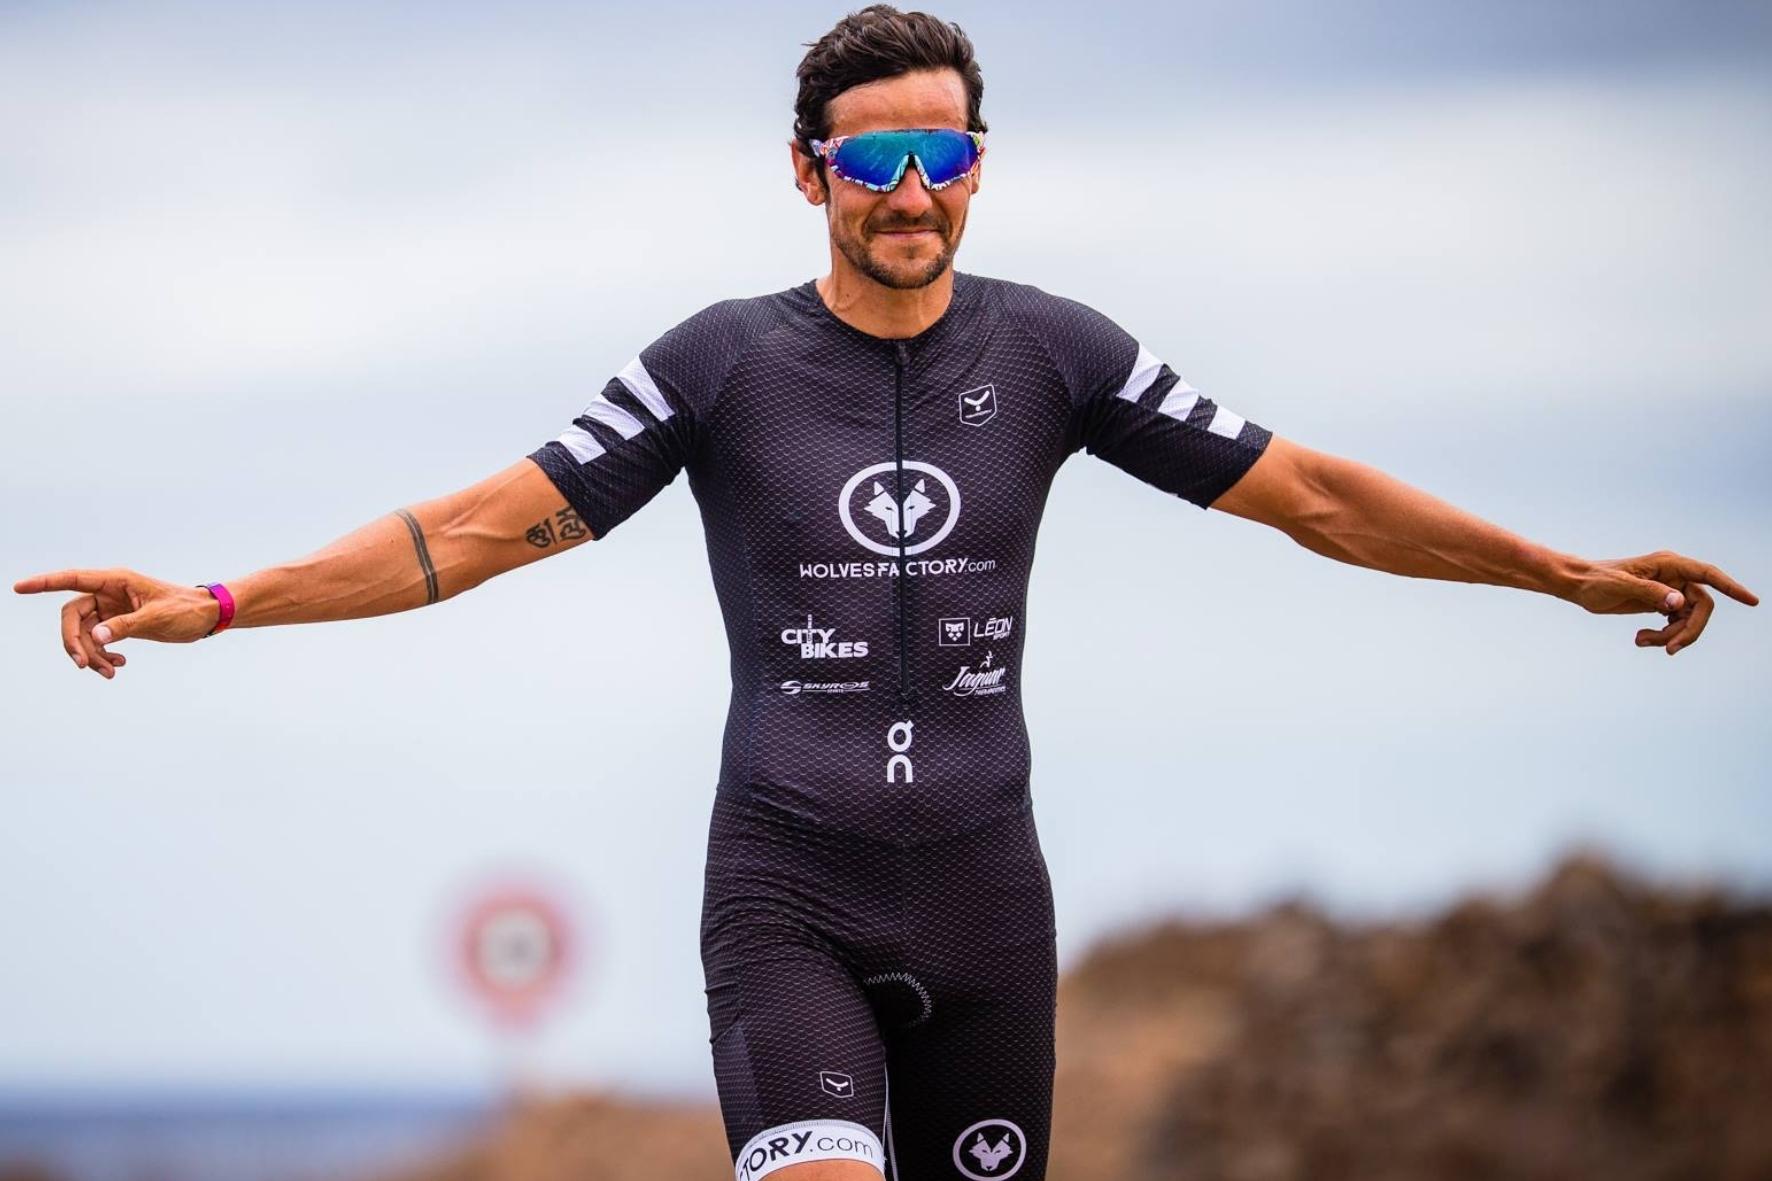 Taymory - indviduelle Triathlon- und Radbekleidung